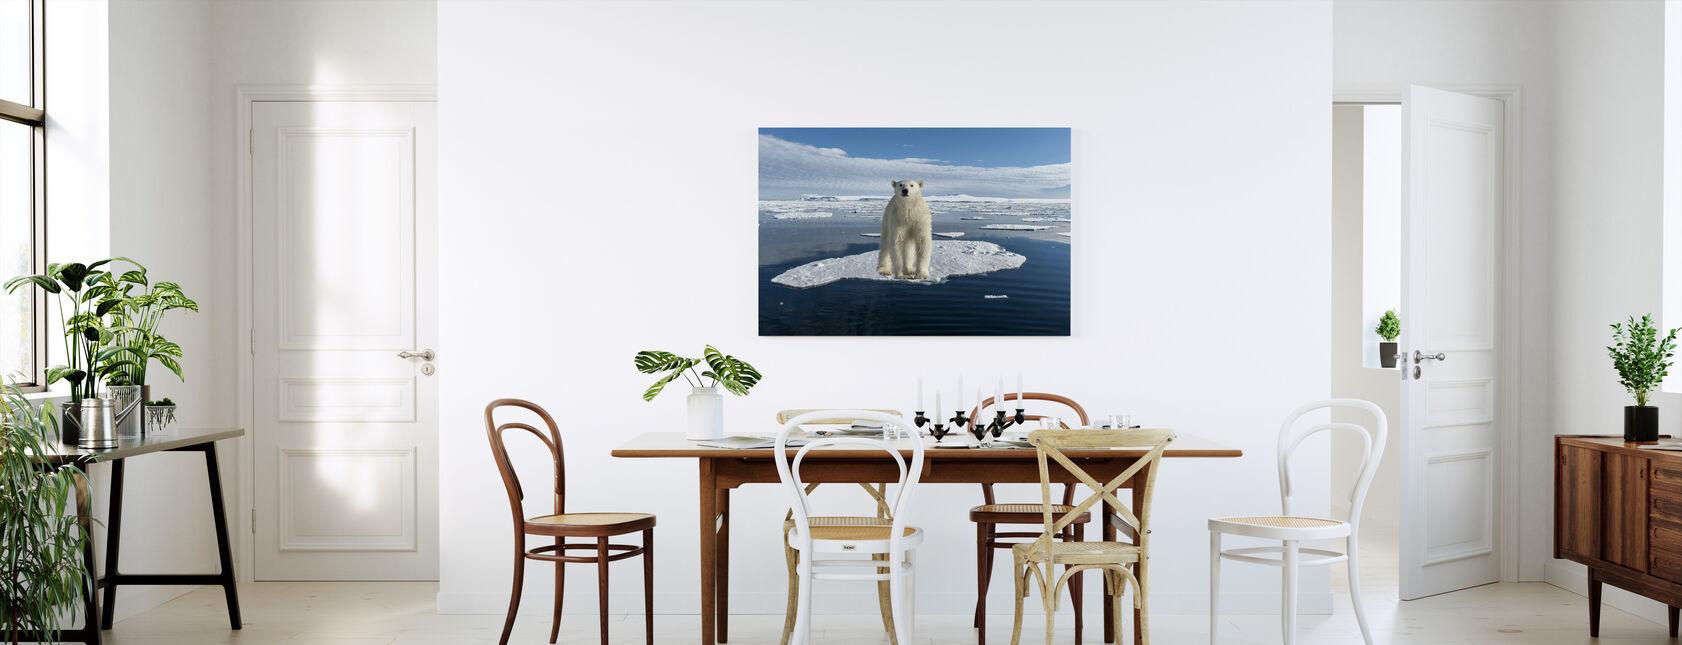 Ohuella jäällä - Canvastaulu - Keittiö